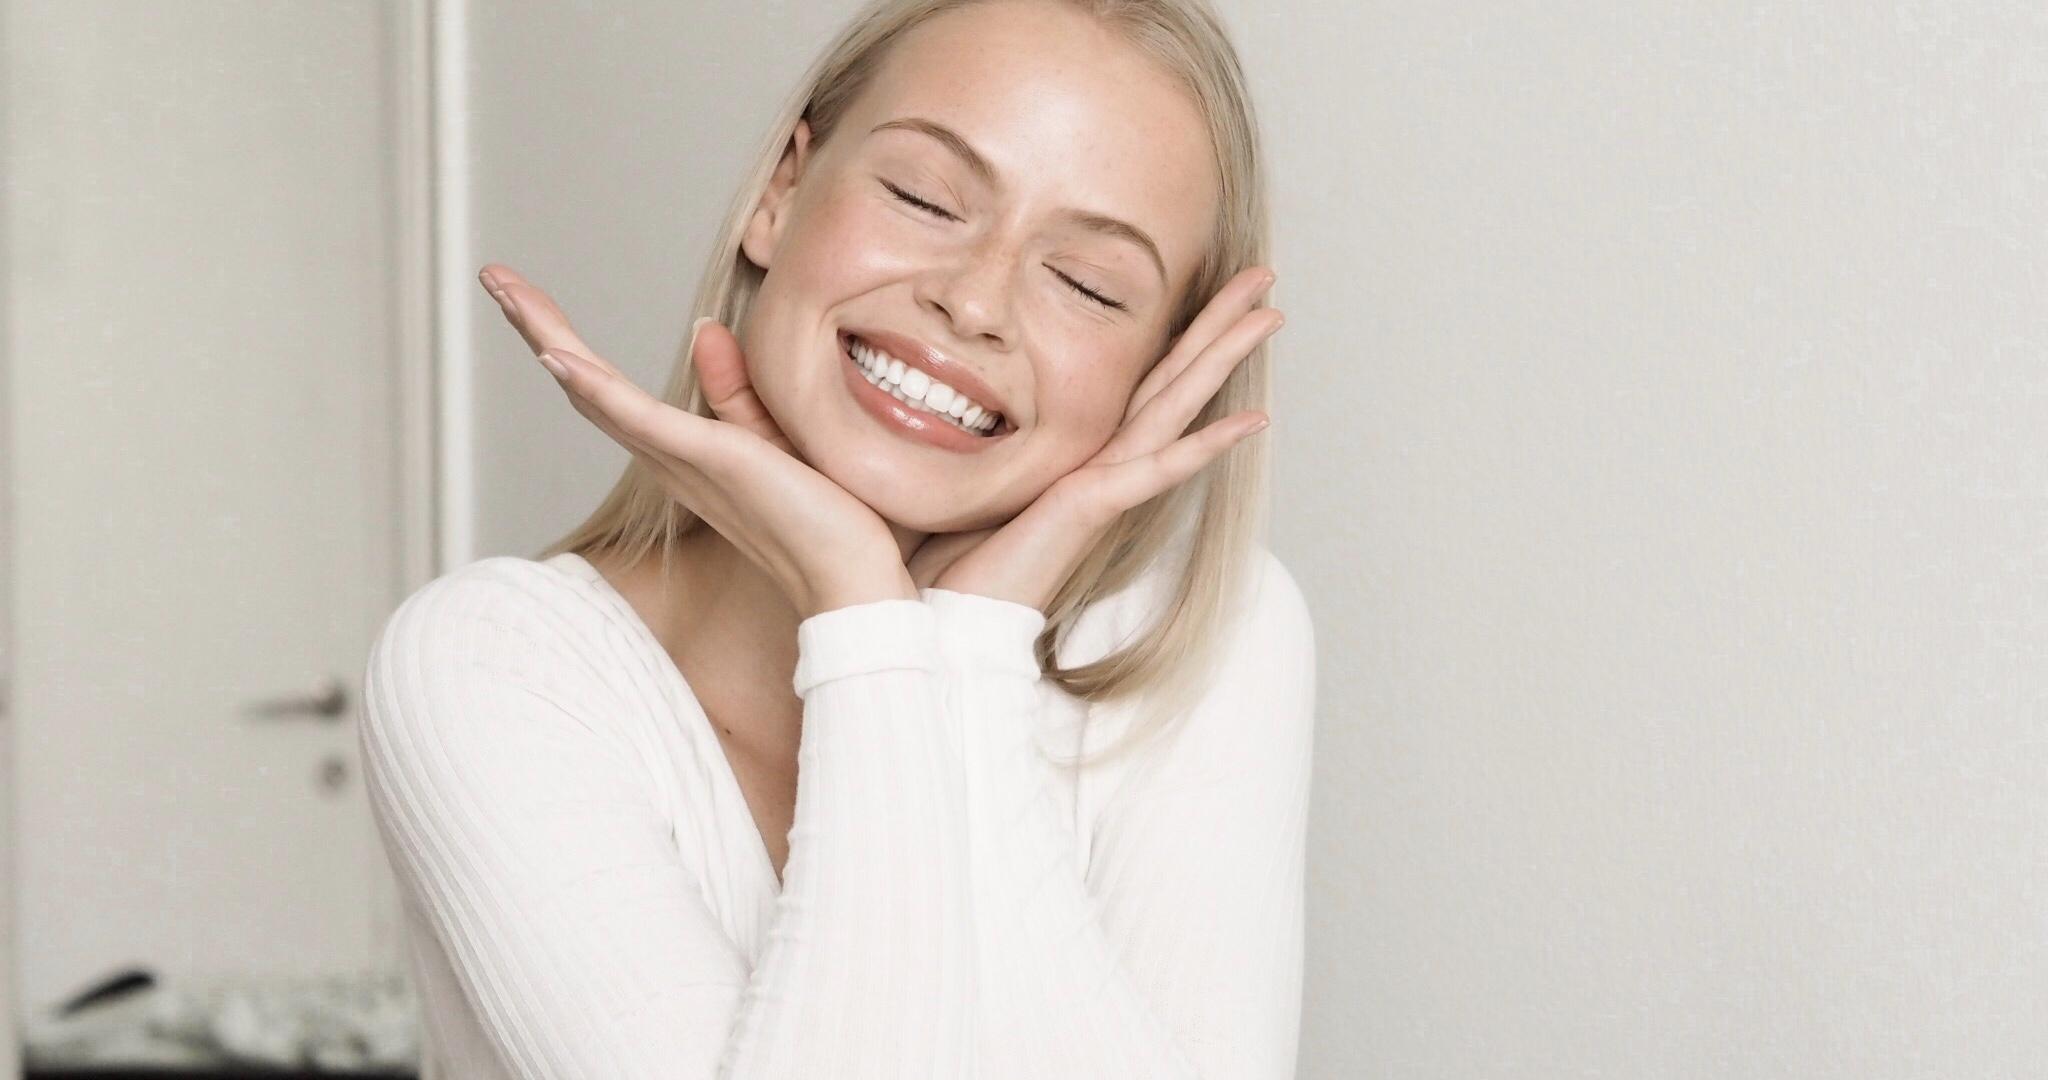 Smileo kokemuksia : hampaiden kotivalkaisu